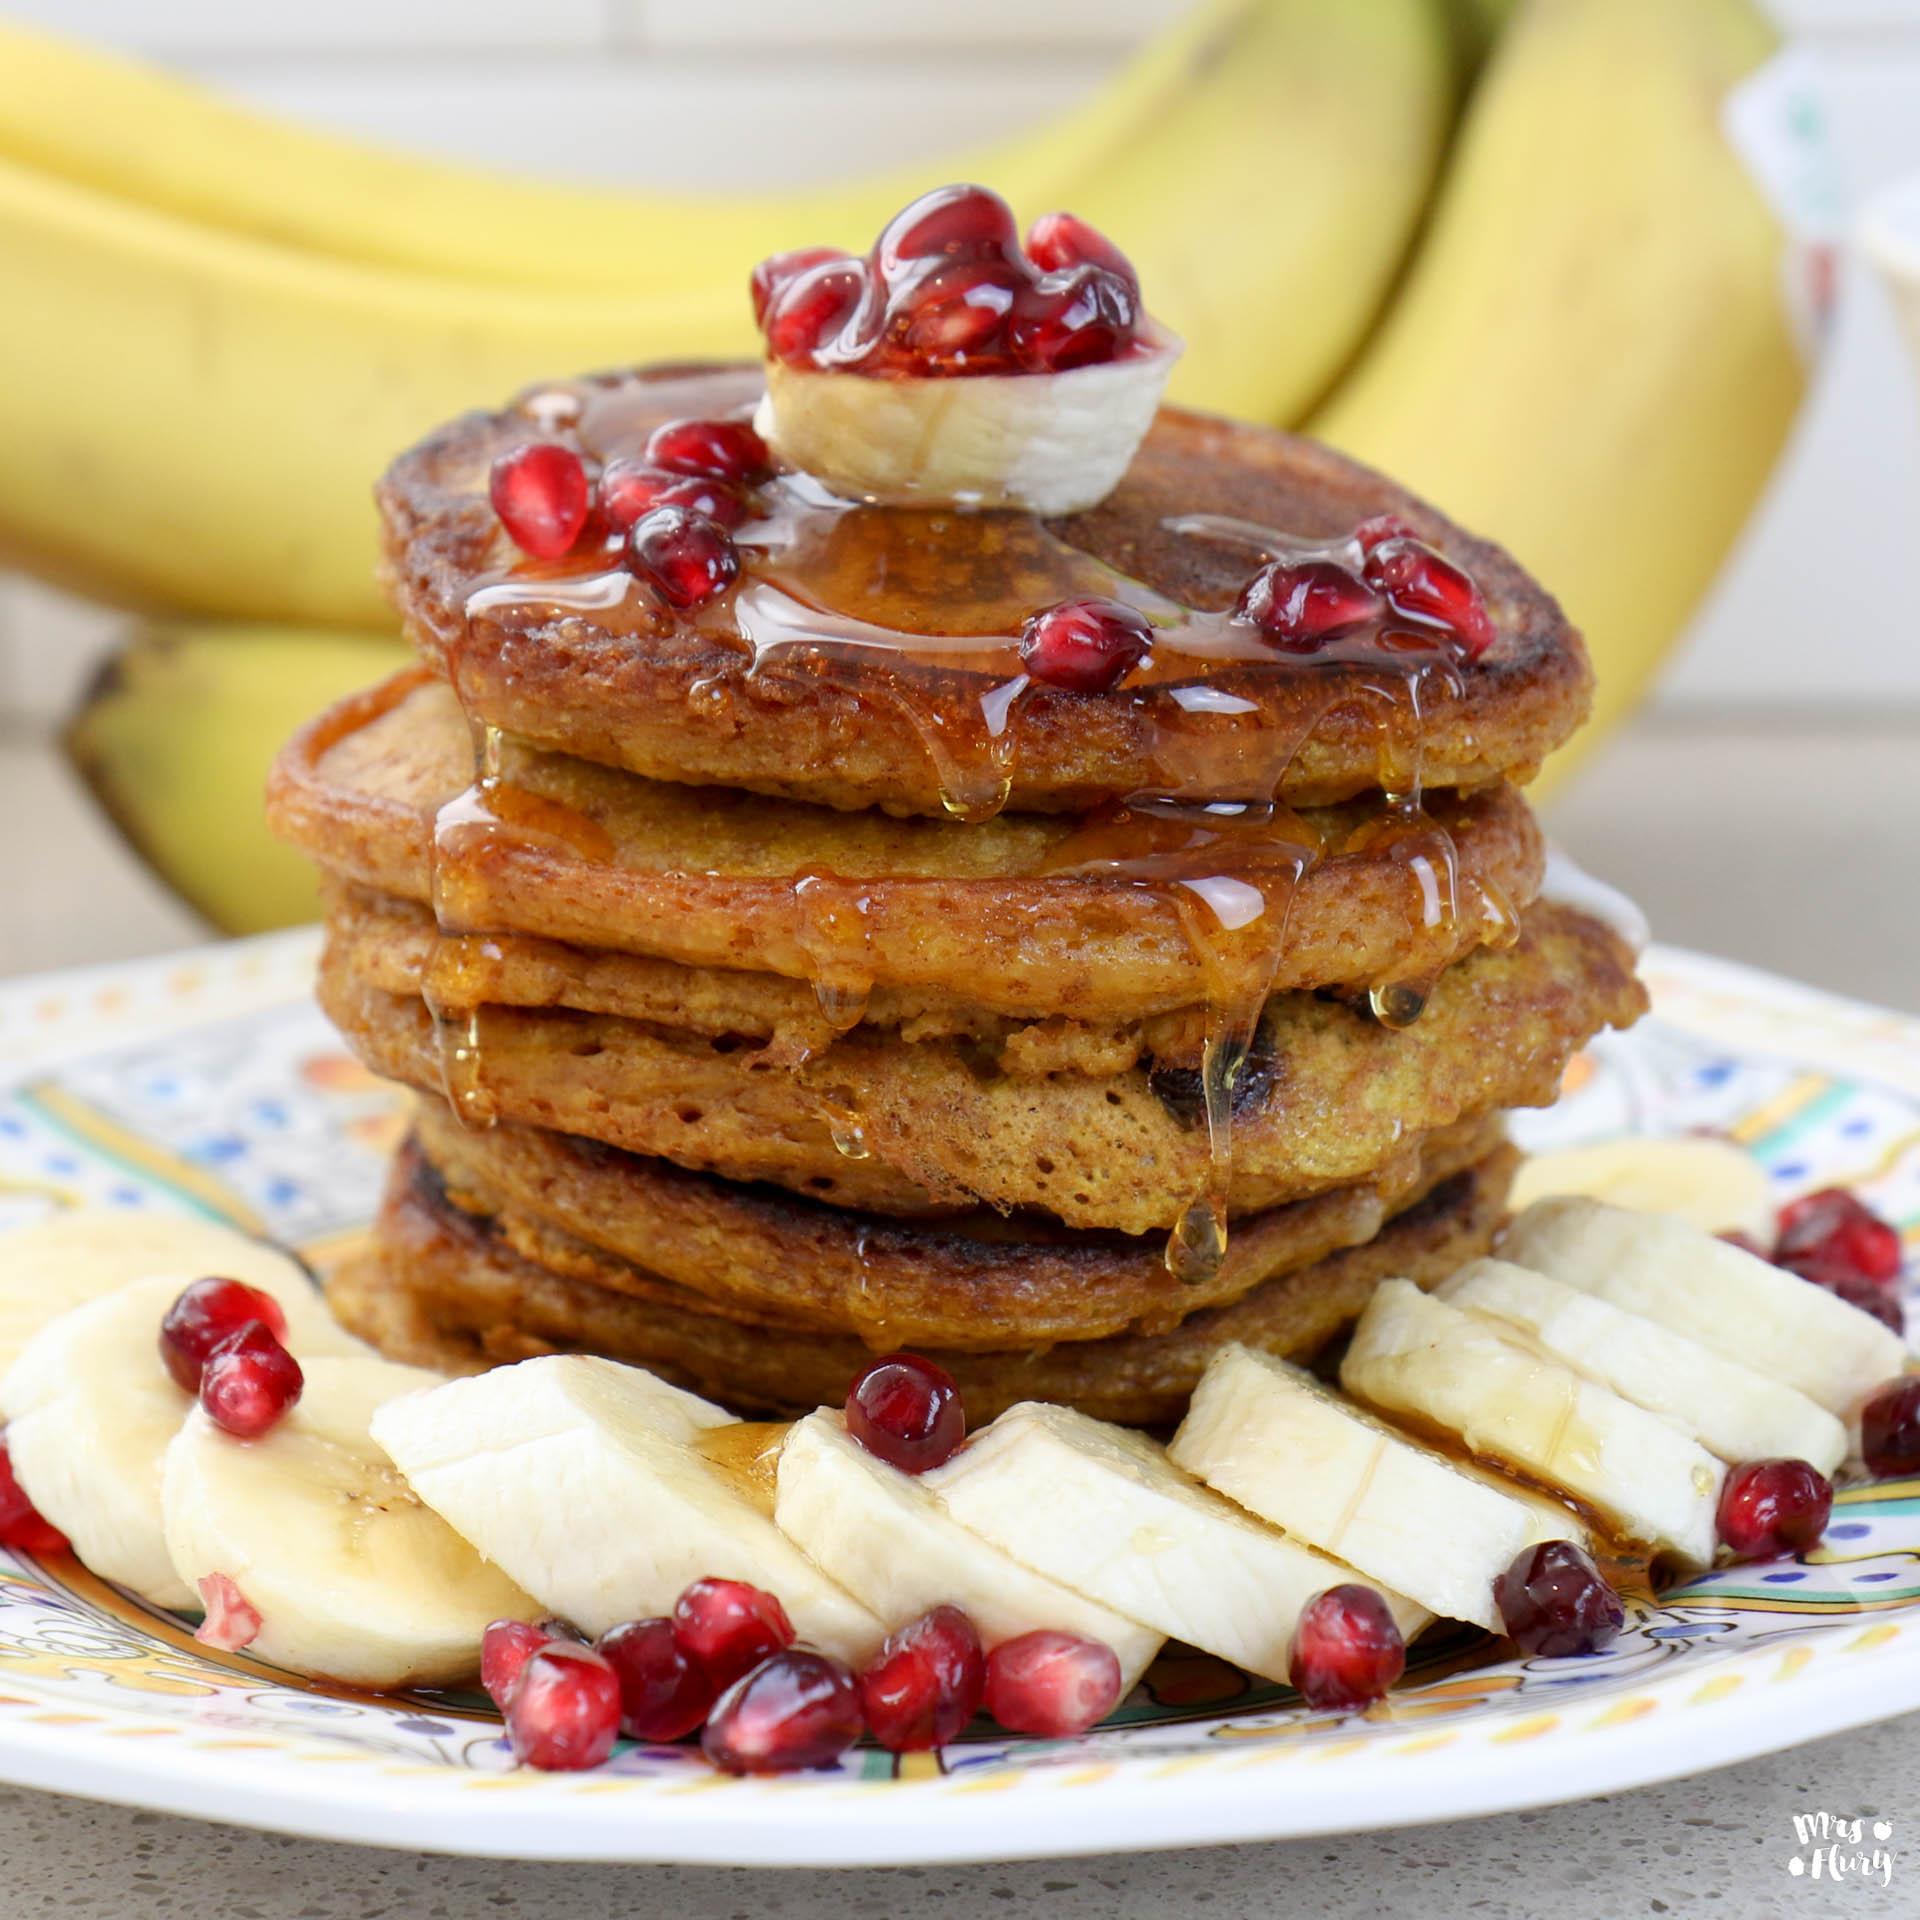 gesunde pancakes mit k rbis gesundes fr hst ck mrs flury gesund essen leben. Black Bedroom Furniture Sets. Home Design Ideas